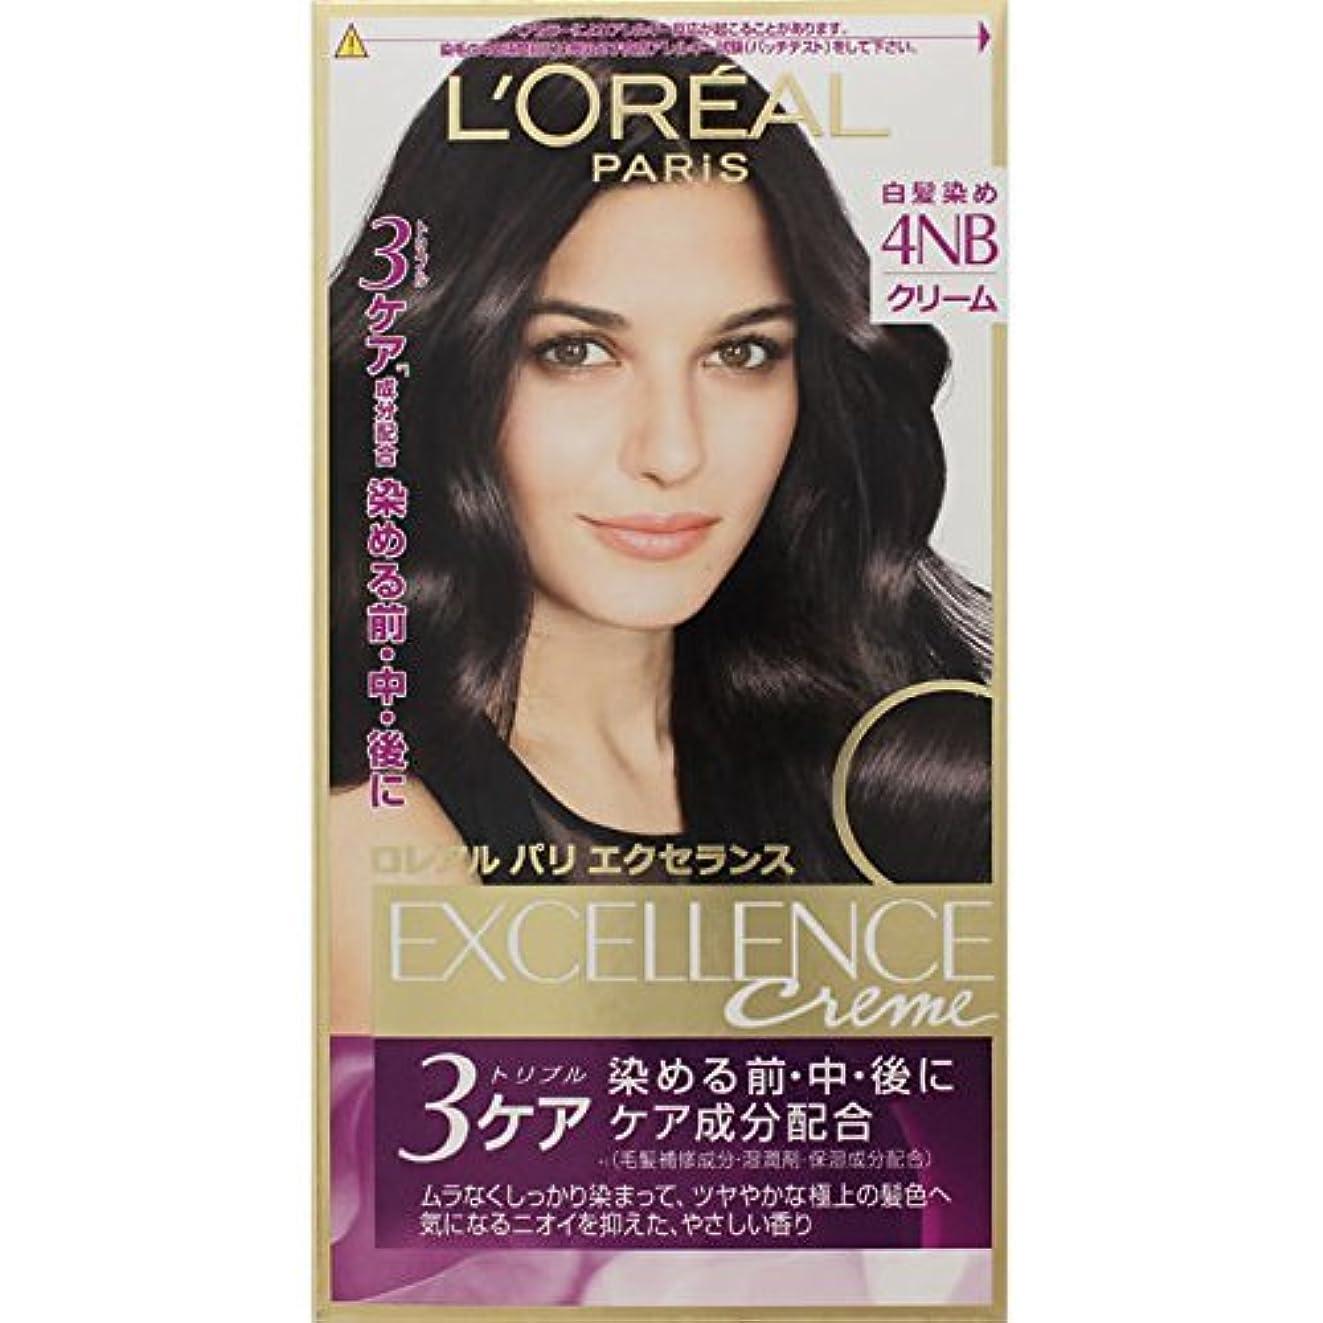 樫の木告白する許容できるロレアル パリ ヘアカラー 白髪染め エクセランス N クリームタイプ 4NB 深みのある自然な栗色